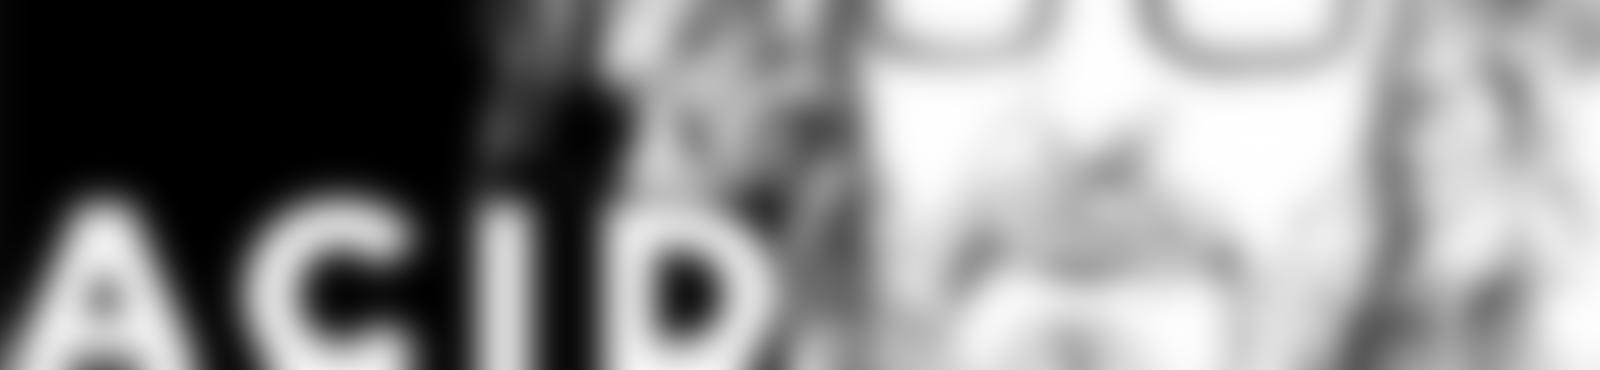 Blurred 43a59d61 f111 4ab1 8fae e20d41c91145